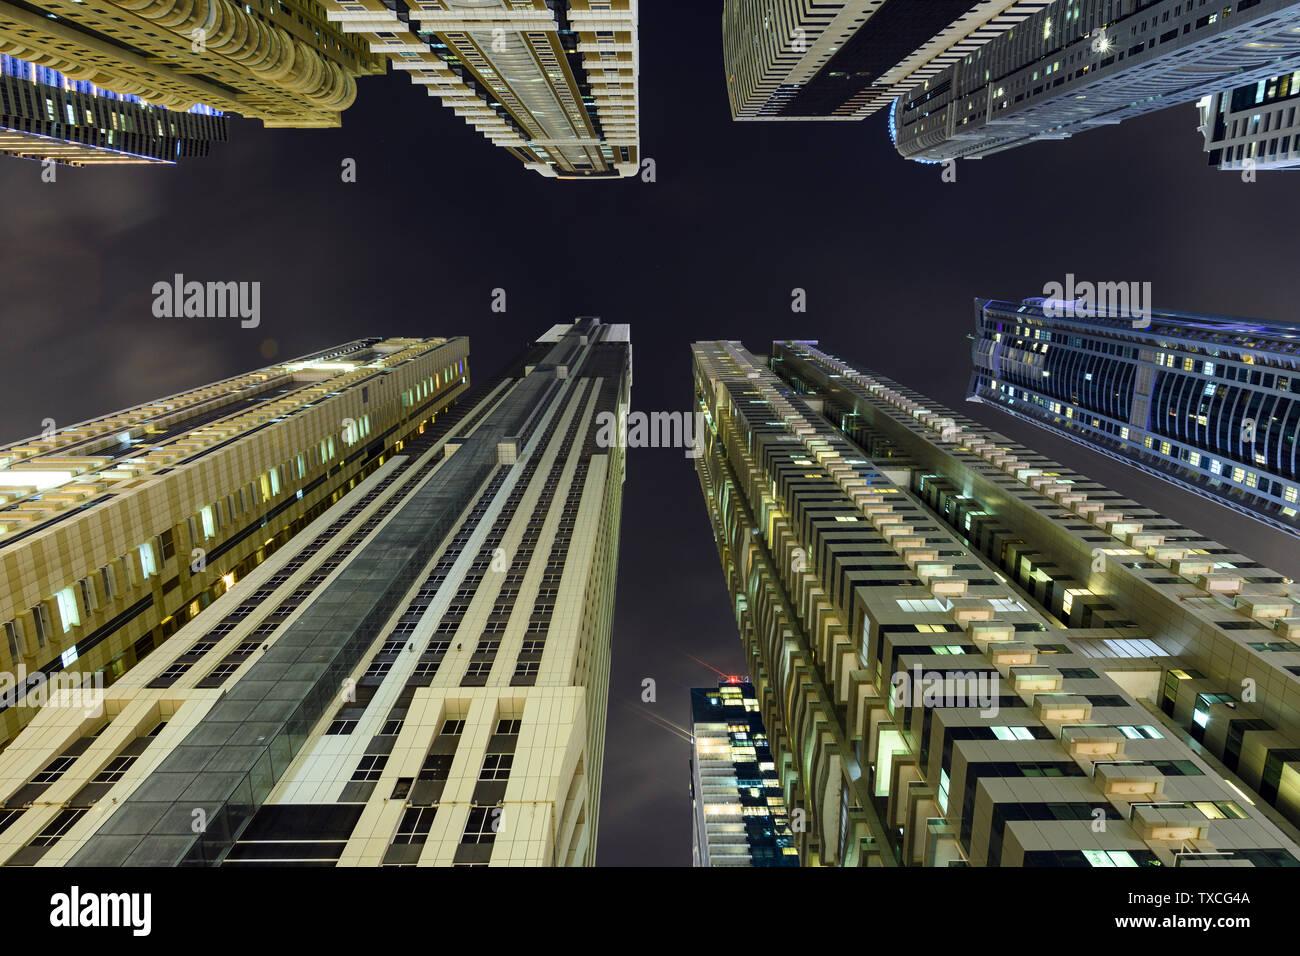 (Perspectiva Diferente) impresionante vista desde la parte inferior hasta la parte superior de algunos rascacielos y torres iluminados durante la noche en la zona de Dubai Marina. Foto de stock